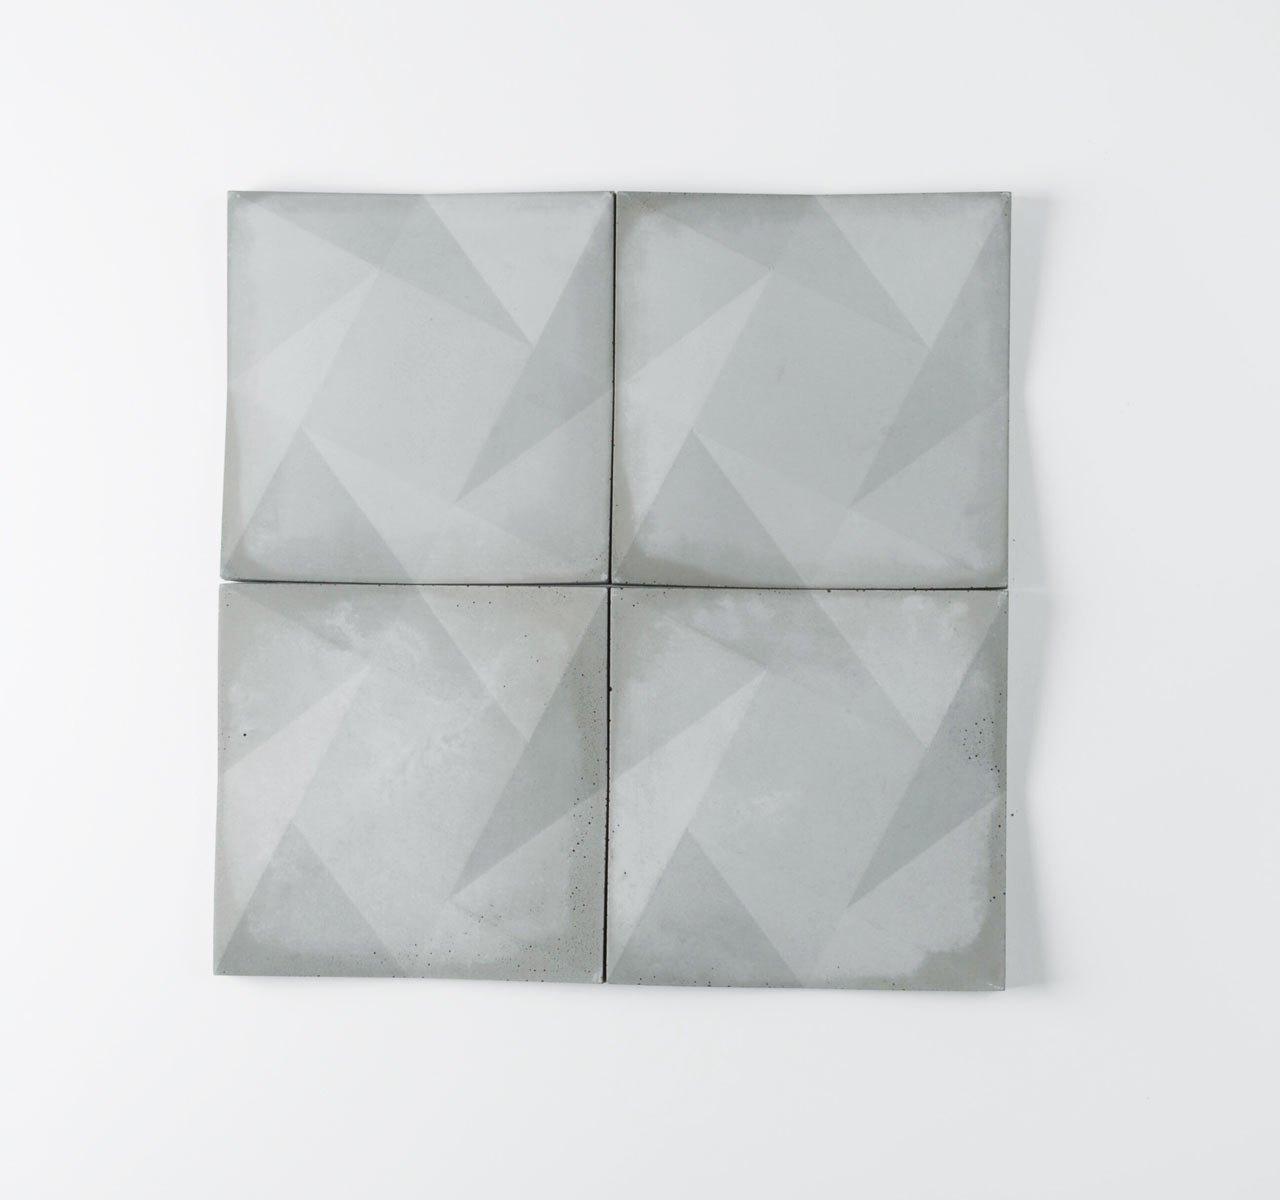 IY Concrete Tile   KitchAnn Style